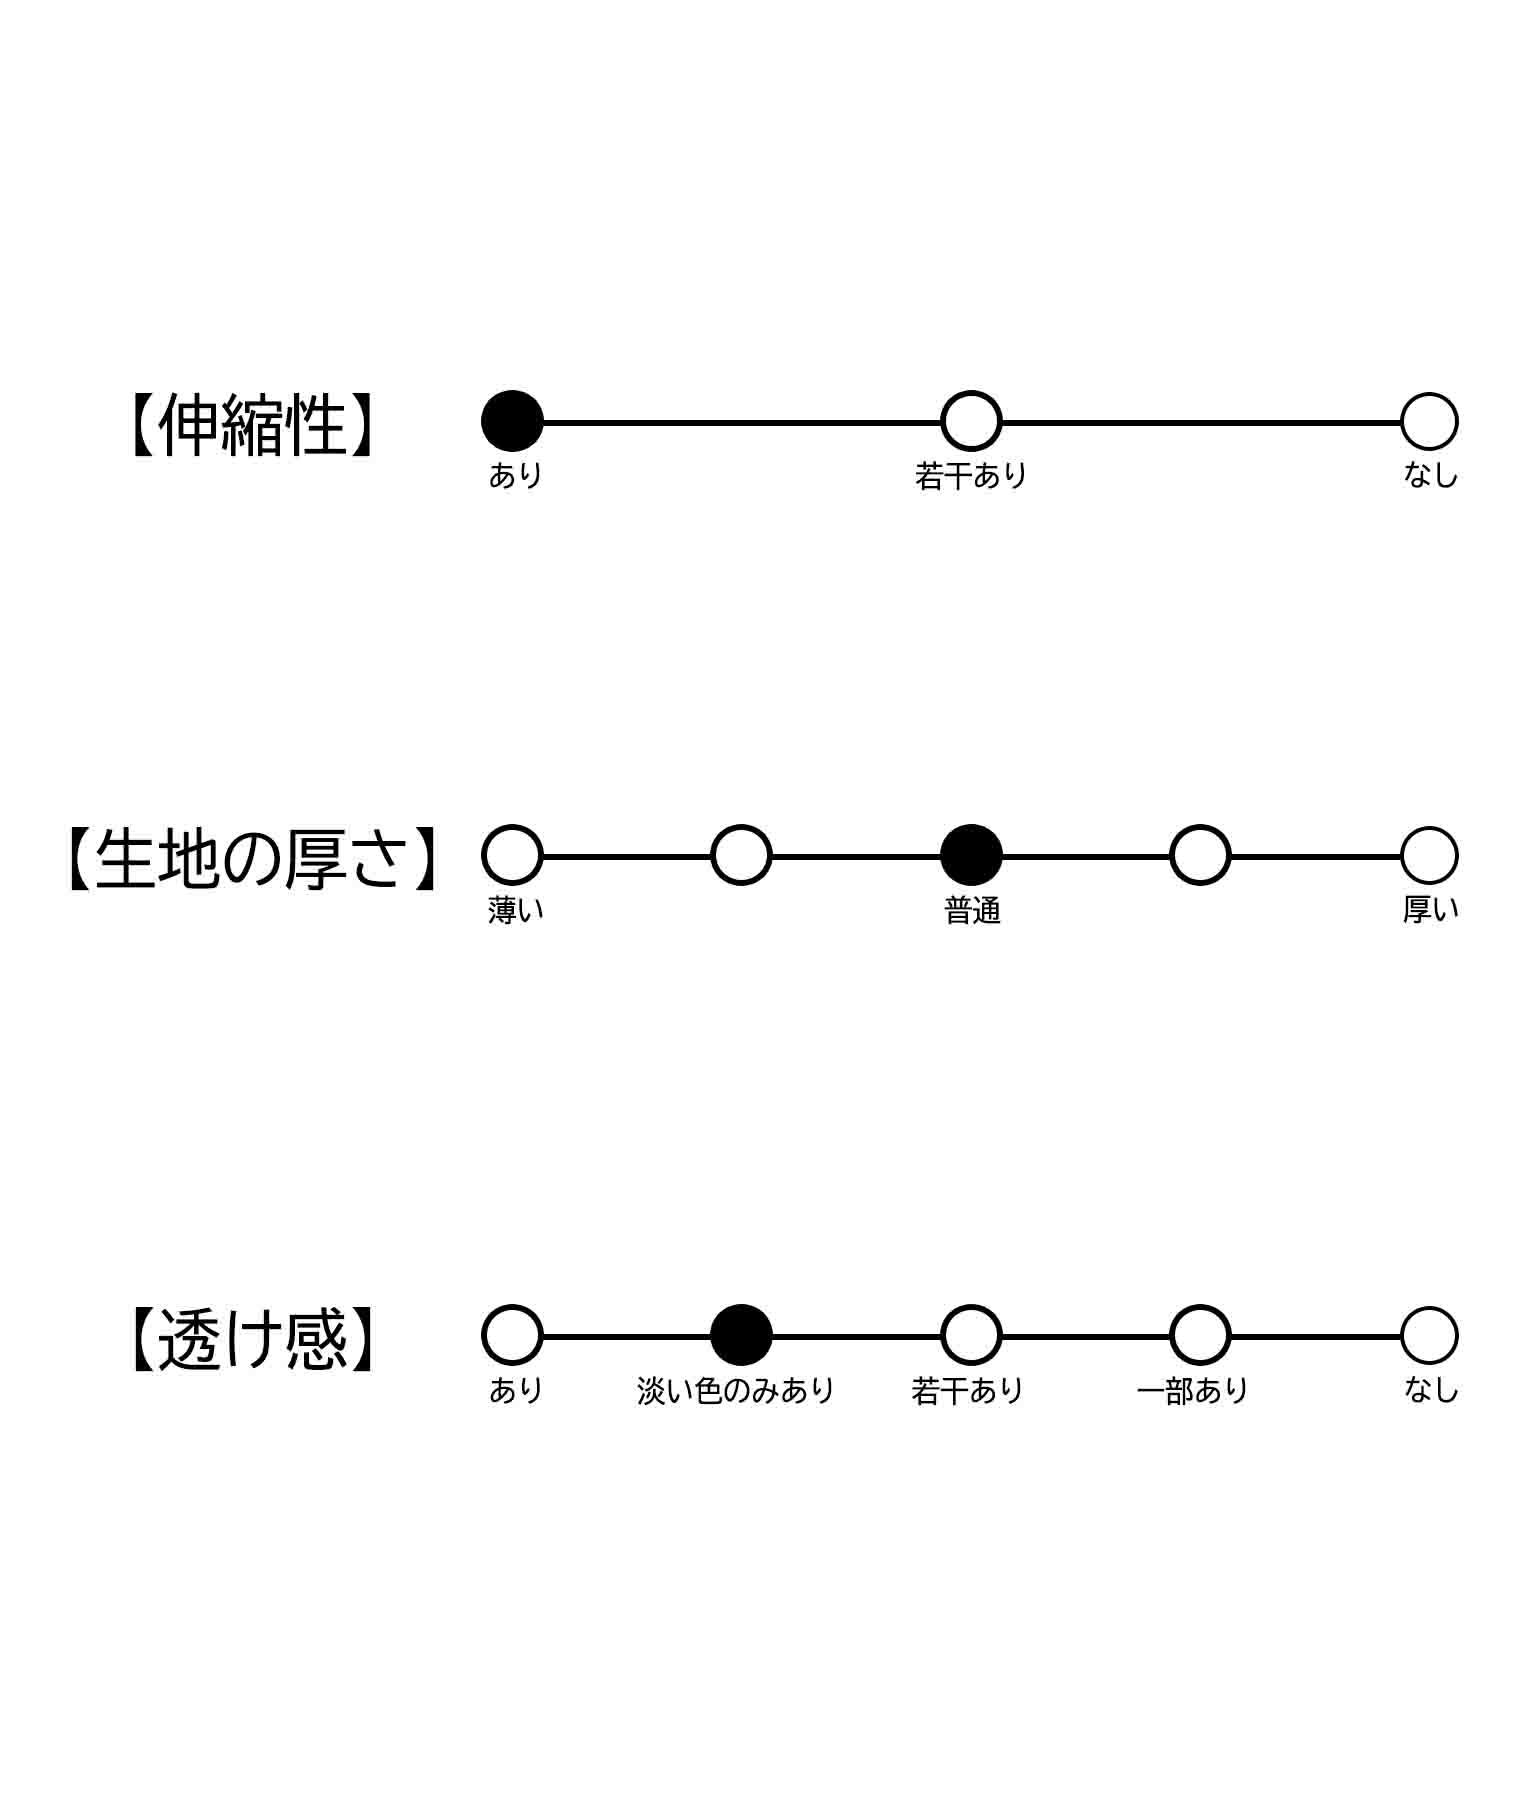 袖メッシュ切替ファッショニスタトップス | ANAP GiRL